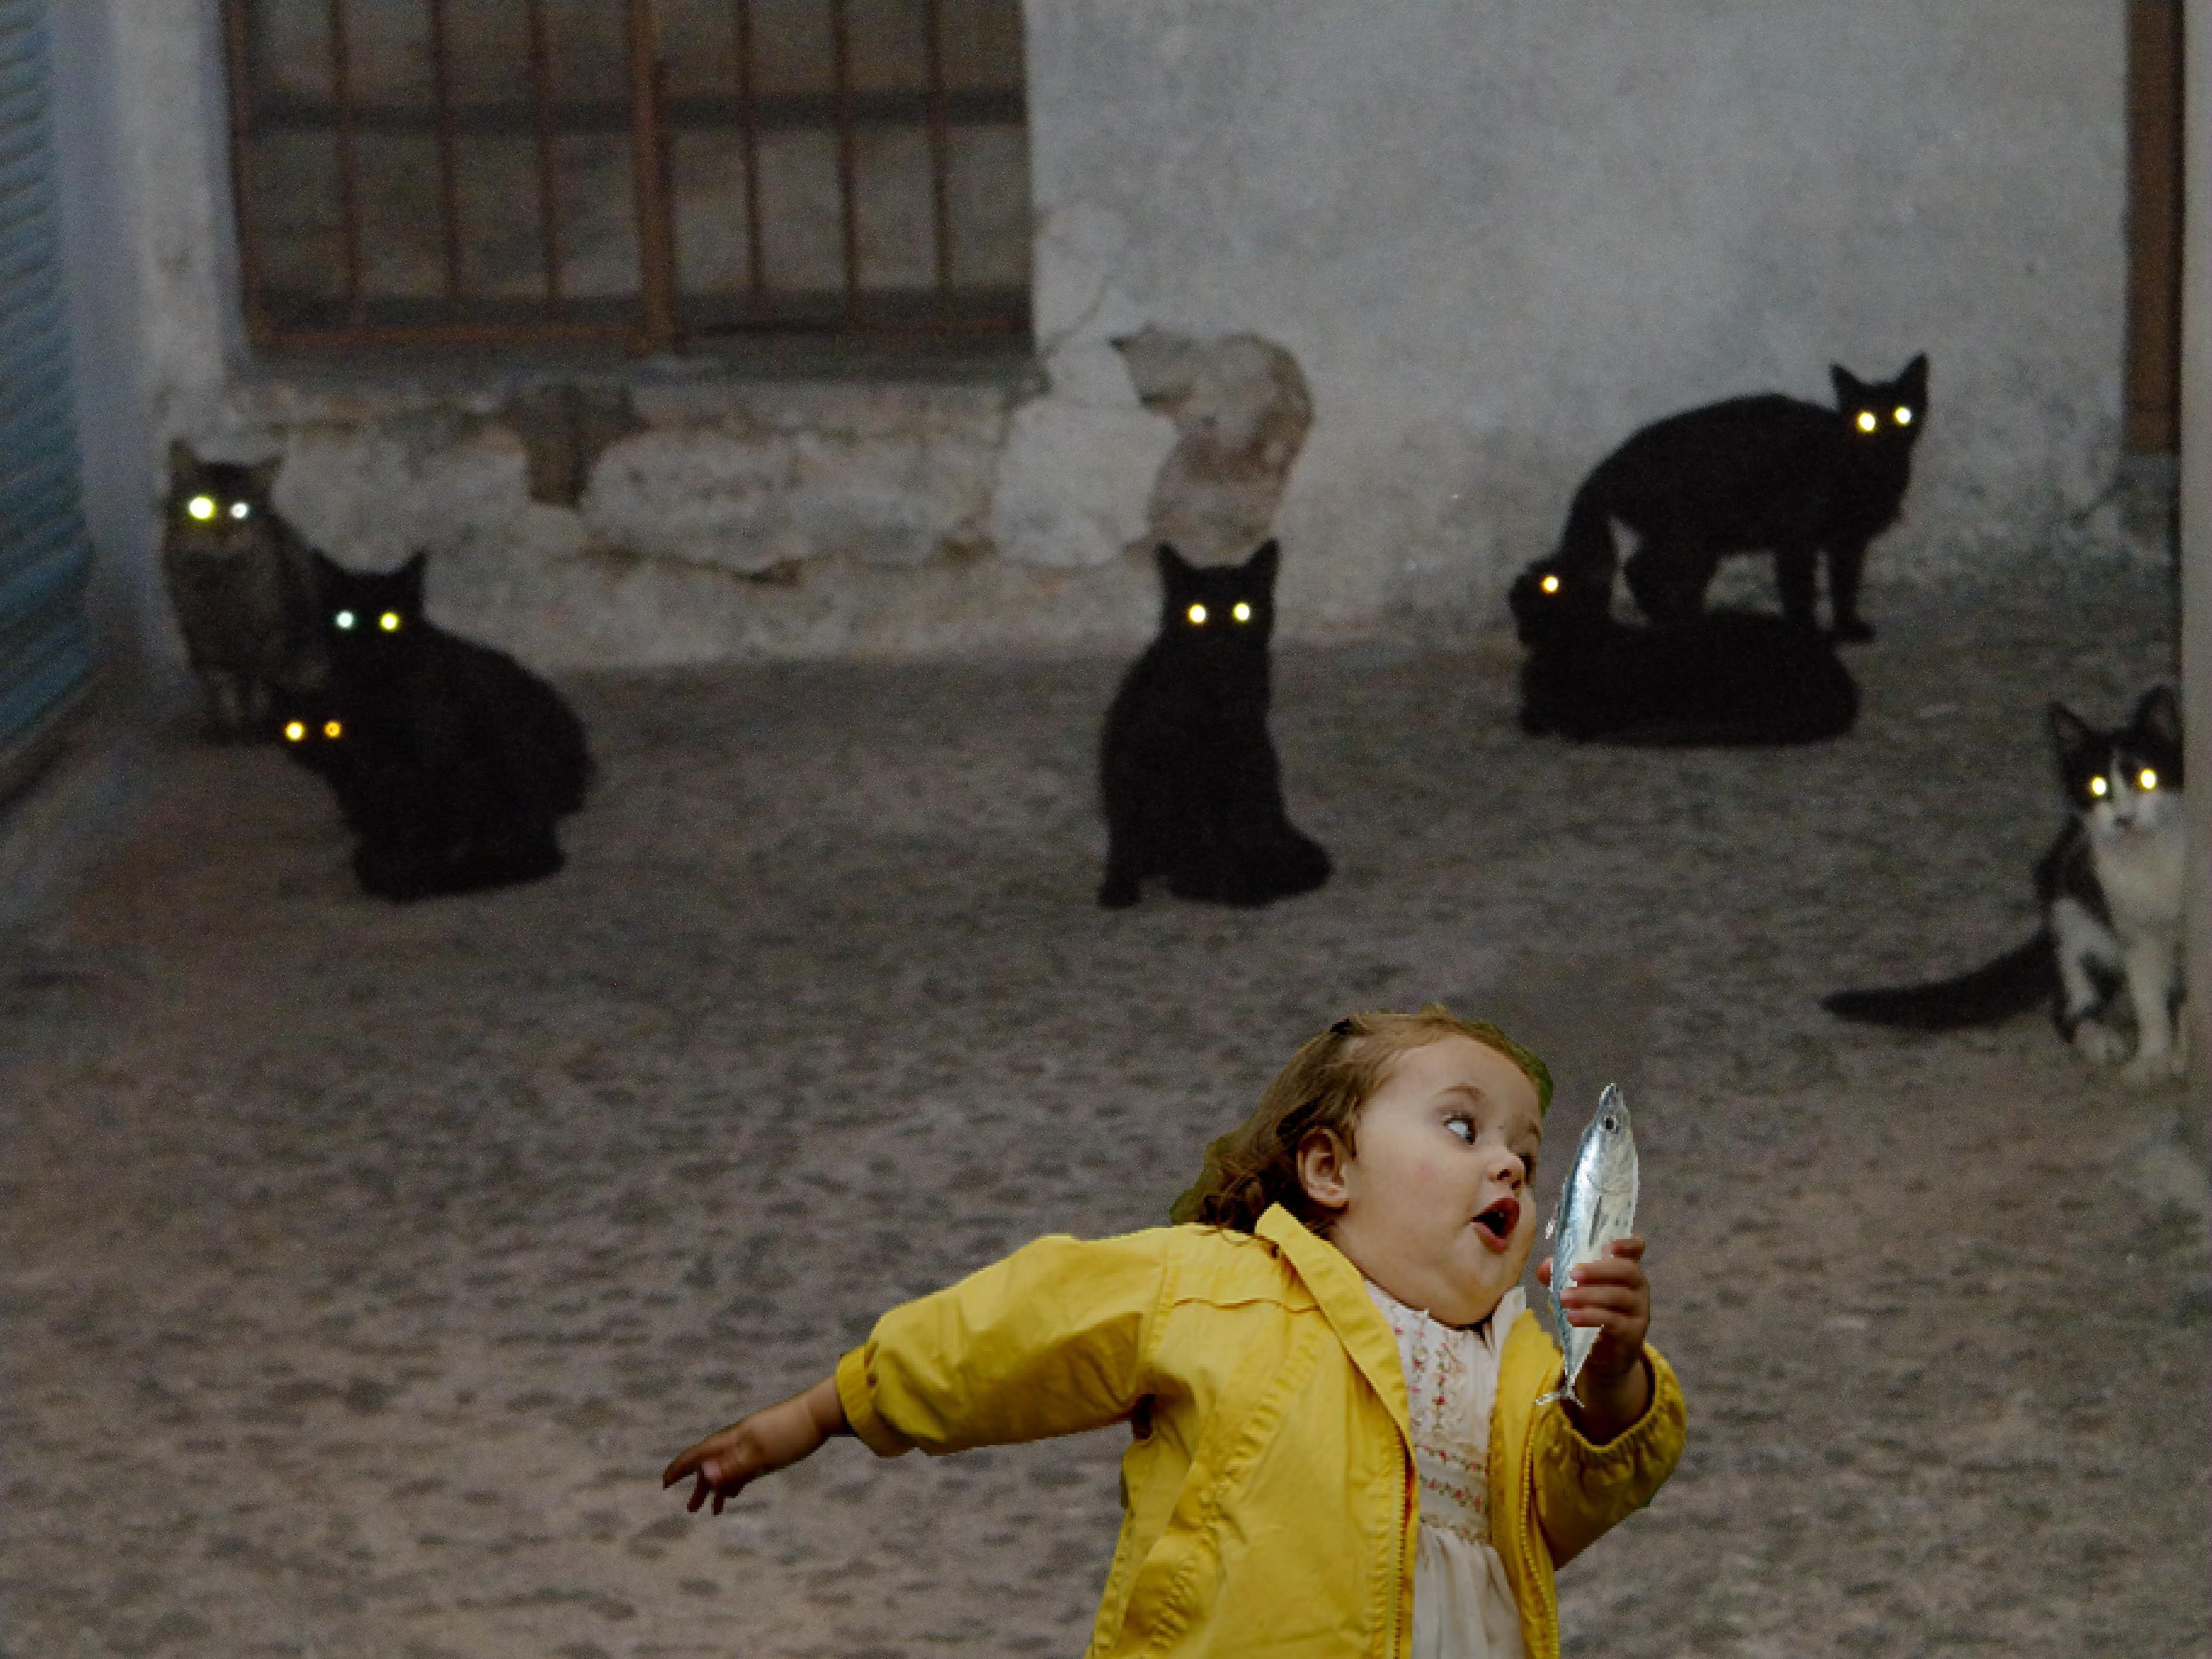 Картинка смешная девочка убегает, своими